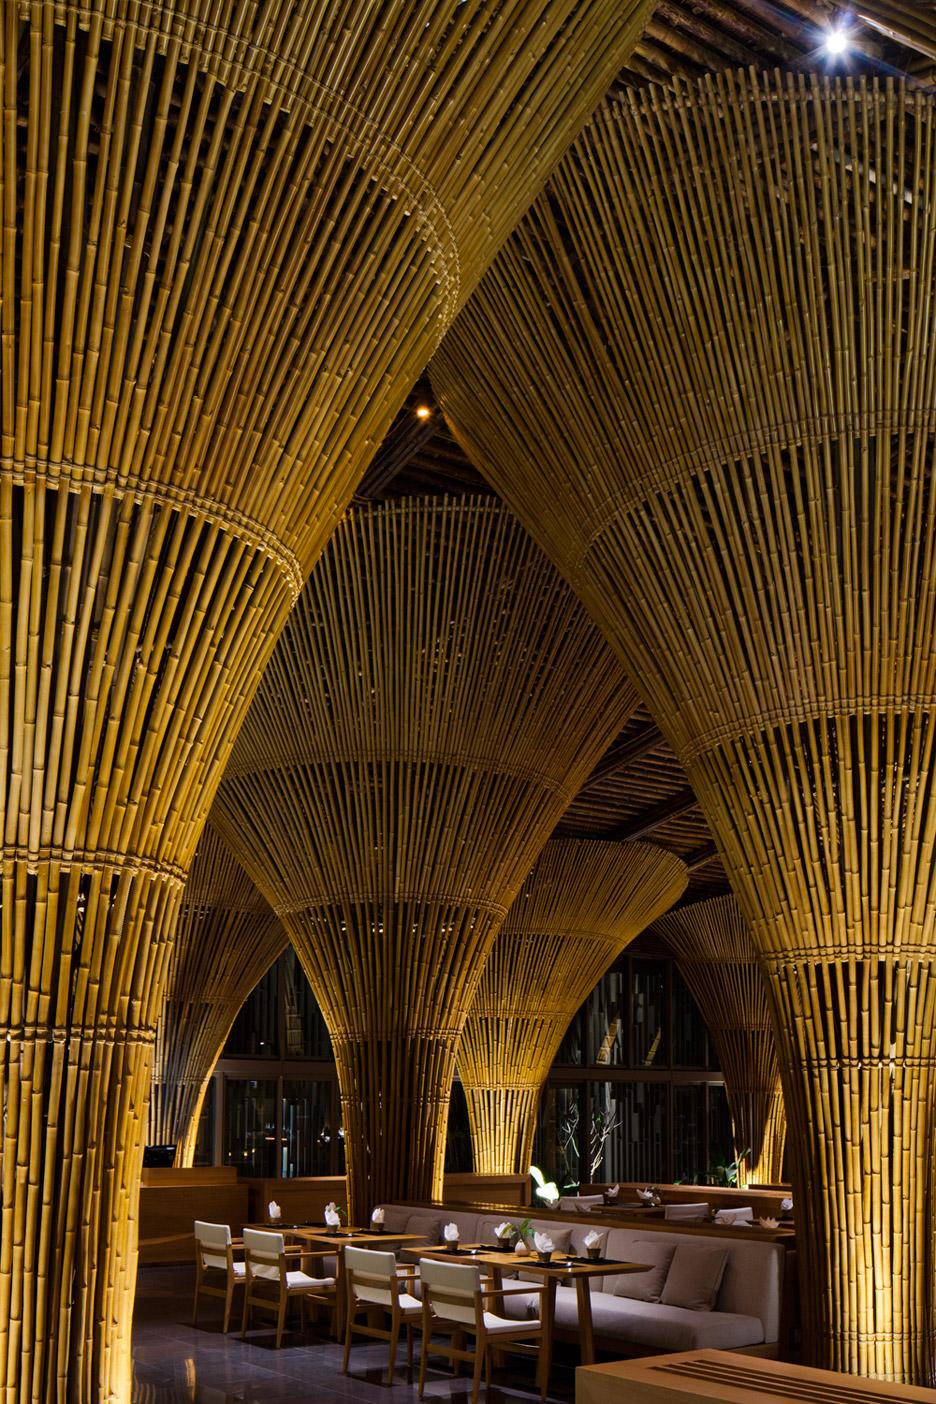 arquitetura-sustentavel-com-bambu-em-resort-no-vietna-blog-usenatureza